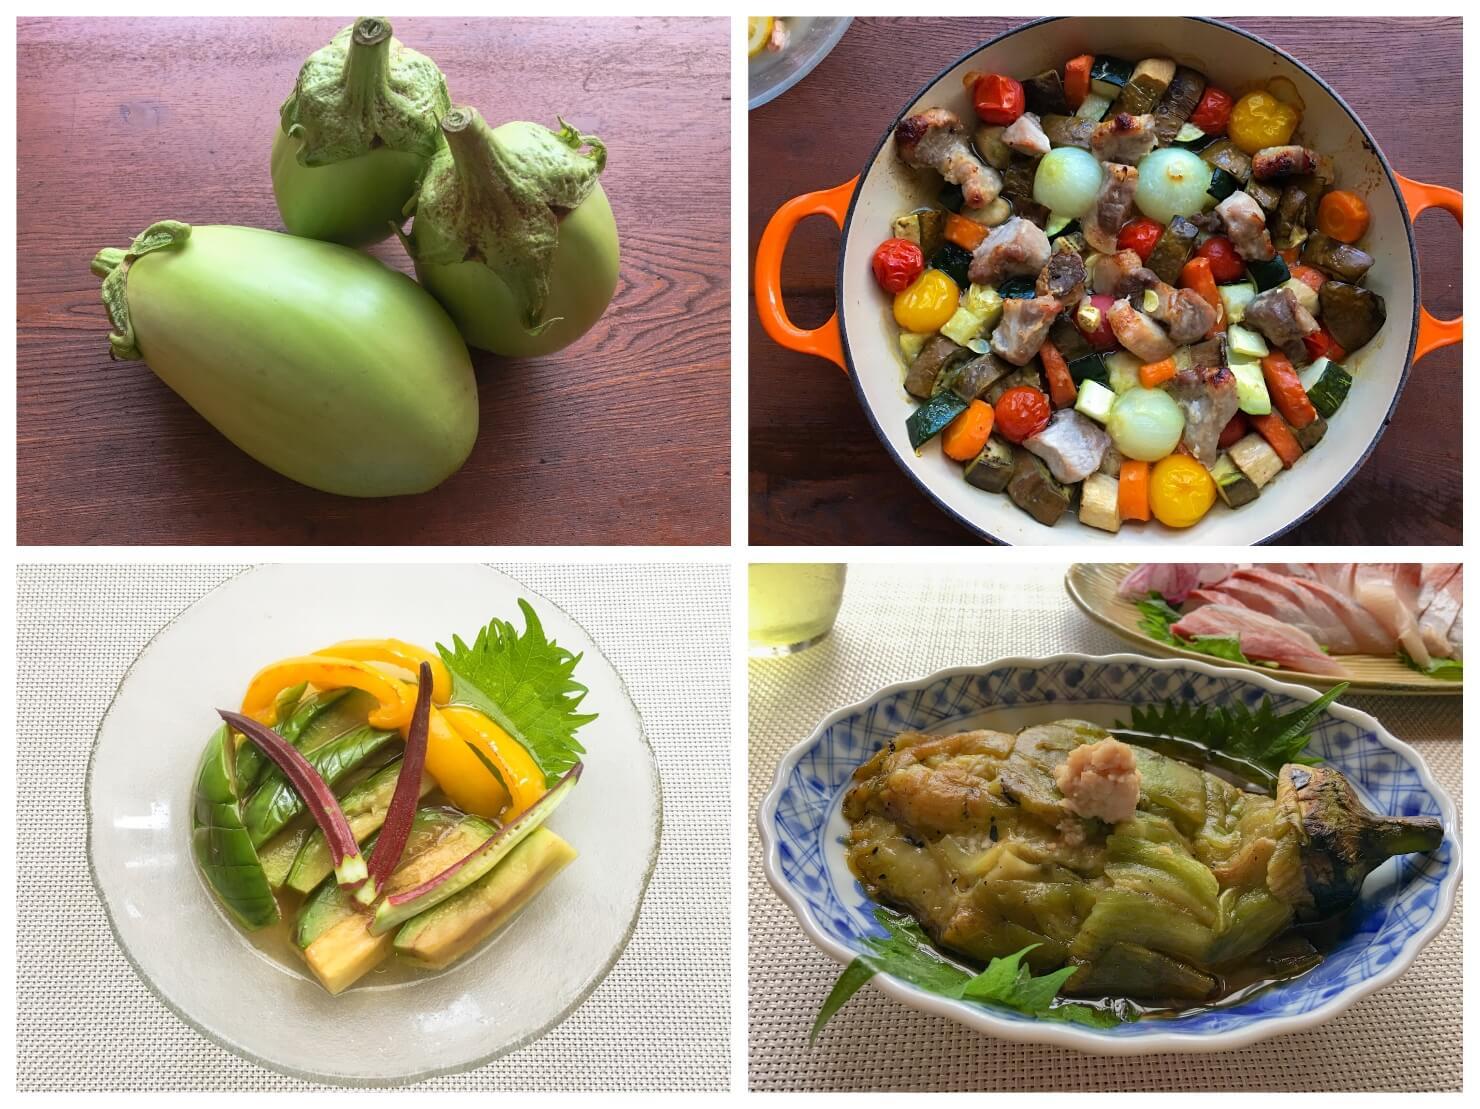 白ナスの料理と白ナスの写真